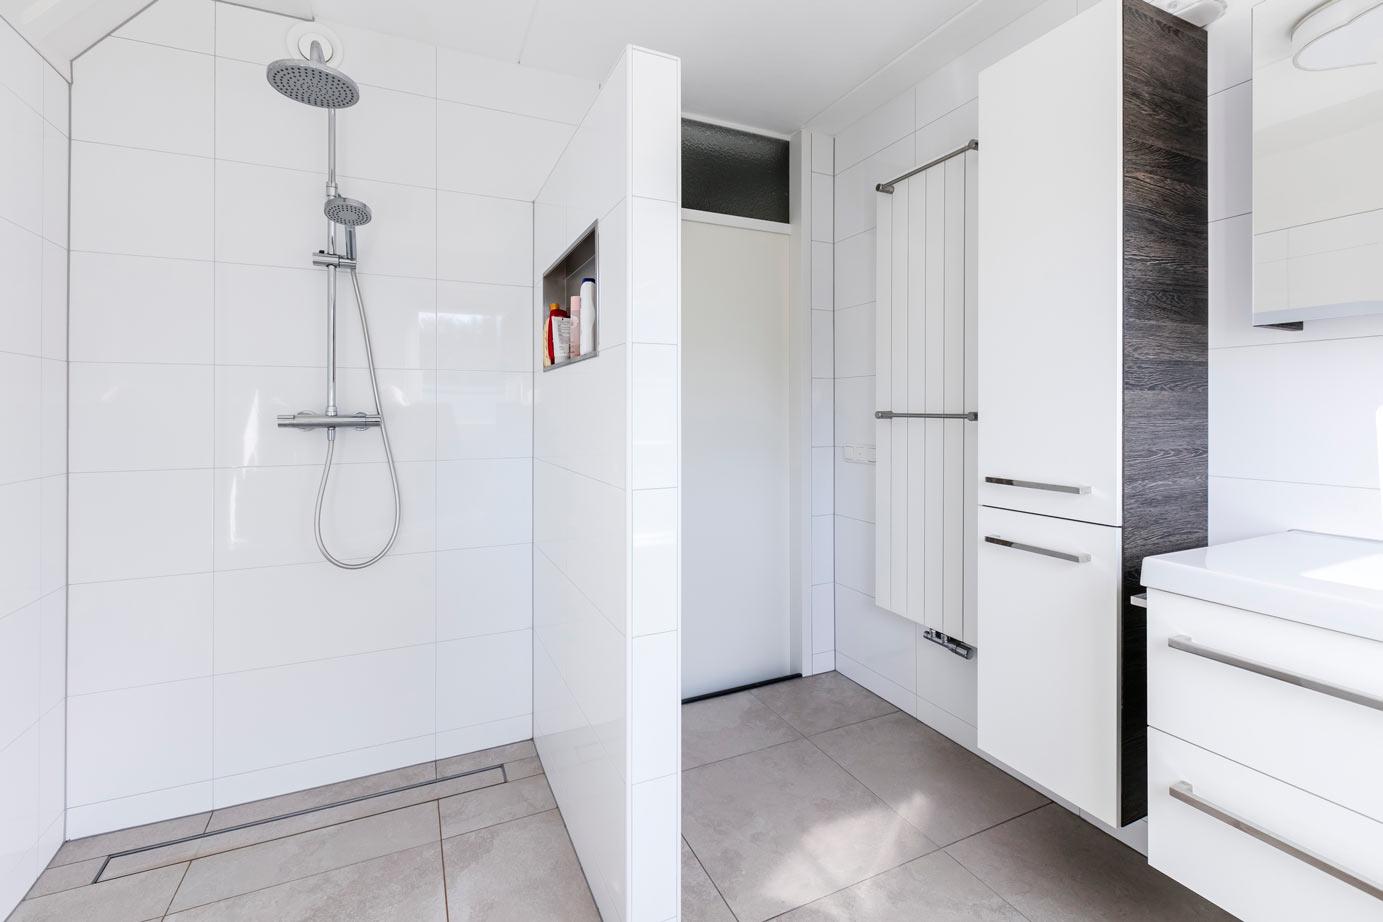 Kijk binnen bij inspirerende badkamers eveleens sanitair en